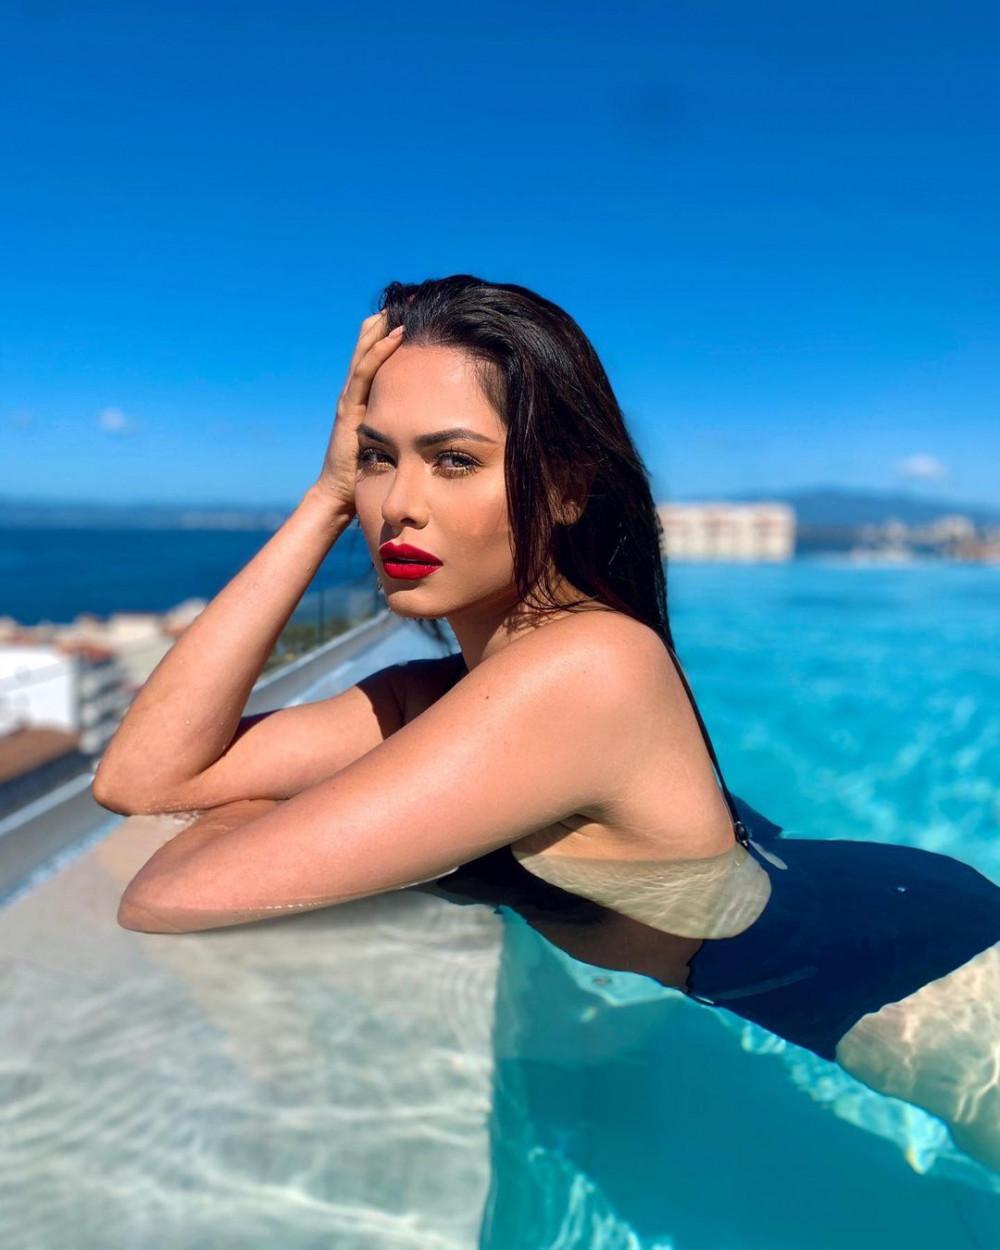 Vẻ đẹp nóng bỏng đầy cuốn hút của Andrea Meza trong đồ bơi kết hợp với màu son đỏ. Với các khán giả theo dõi các cuộc thi nhan sắc, Andrea Meza không phải là gương mặt xa lạ. Cô từng đạt ngôi vị Á hậu 1 tại Hoa hậu Thế giới 2017.